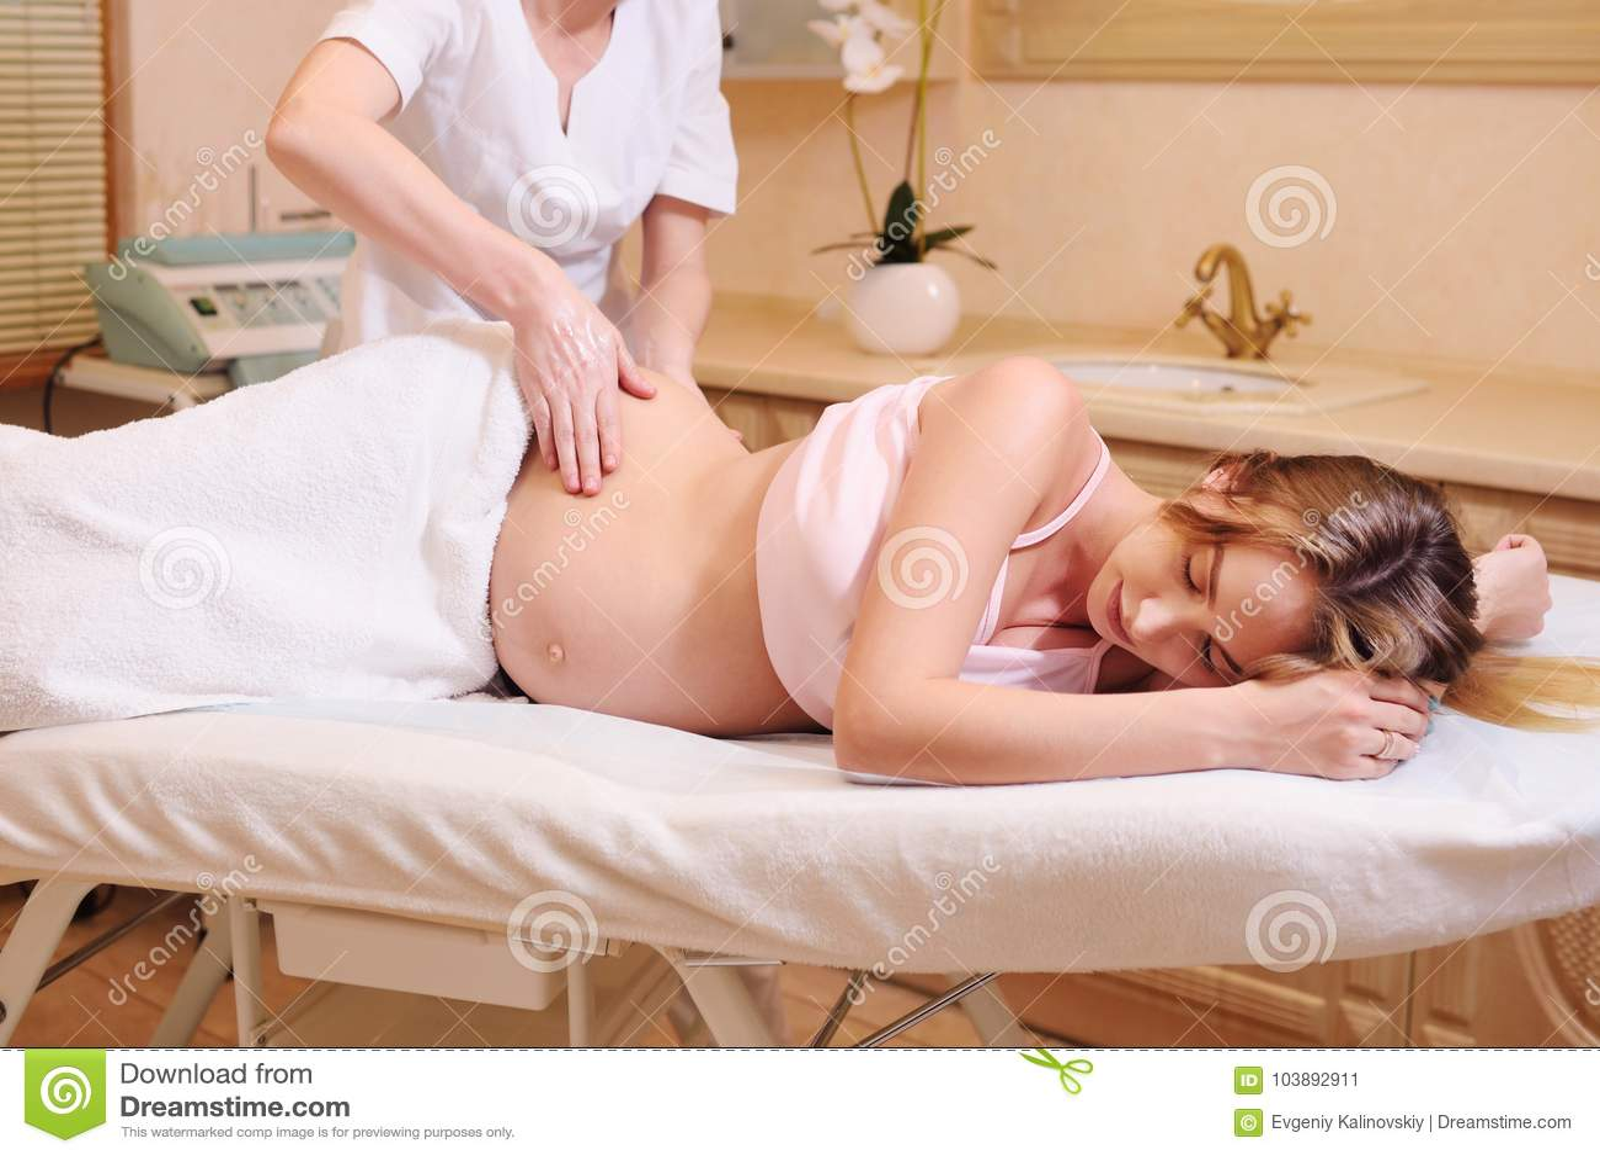 Беременная девушка на массаже видео индивидуалка индустриальном районе